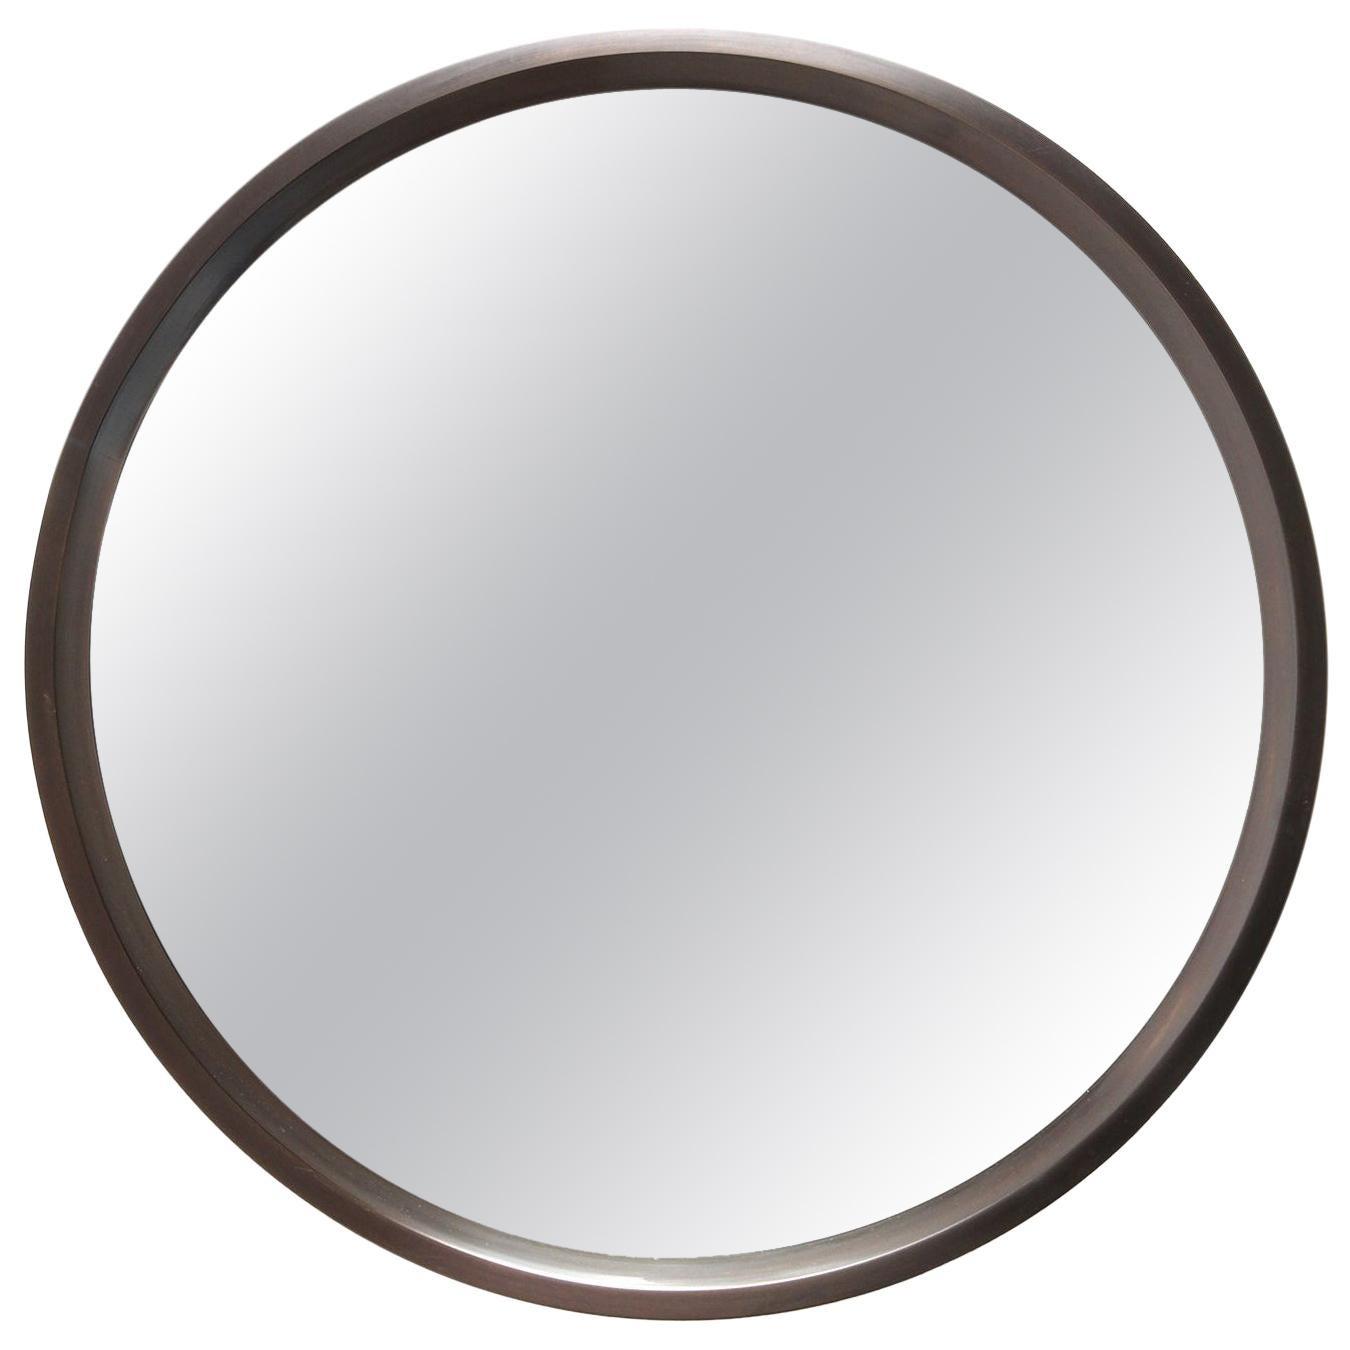 Wyeth Original Round Bronze Wall Mirror